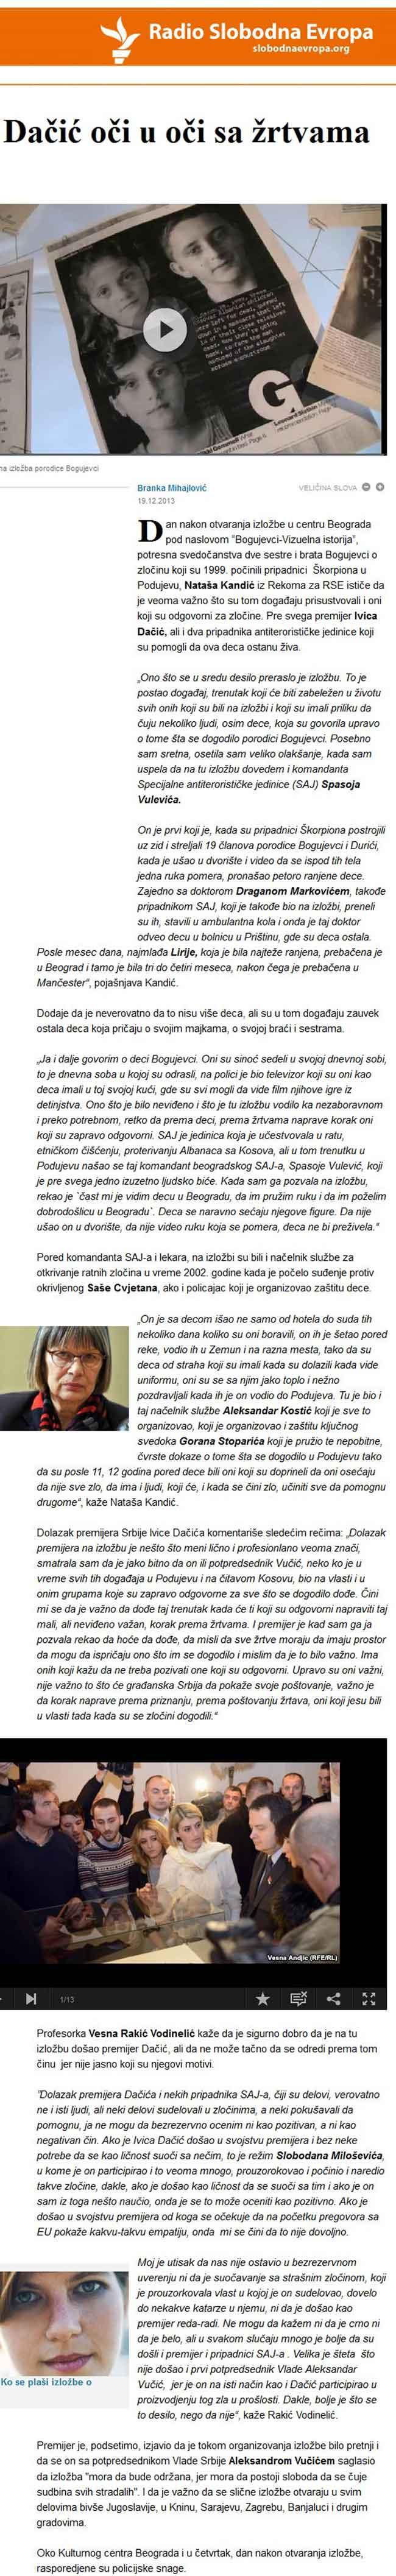 Dačić-oči-u-oči-sa-žrtvama-2013-12-19-16-12-19